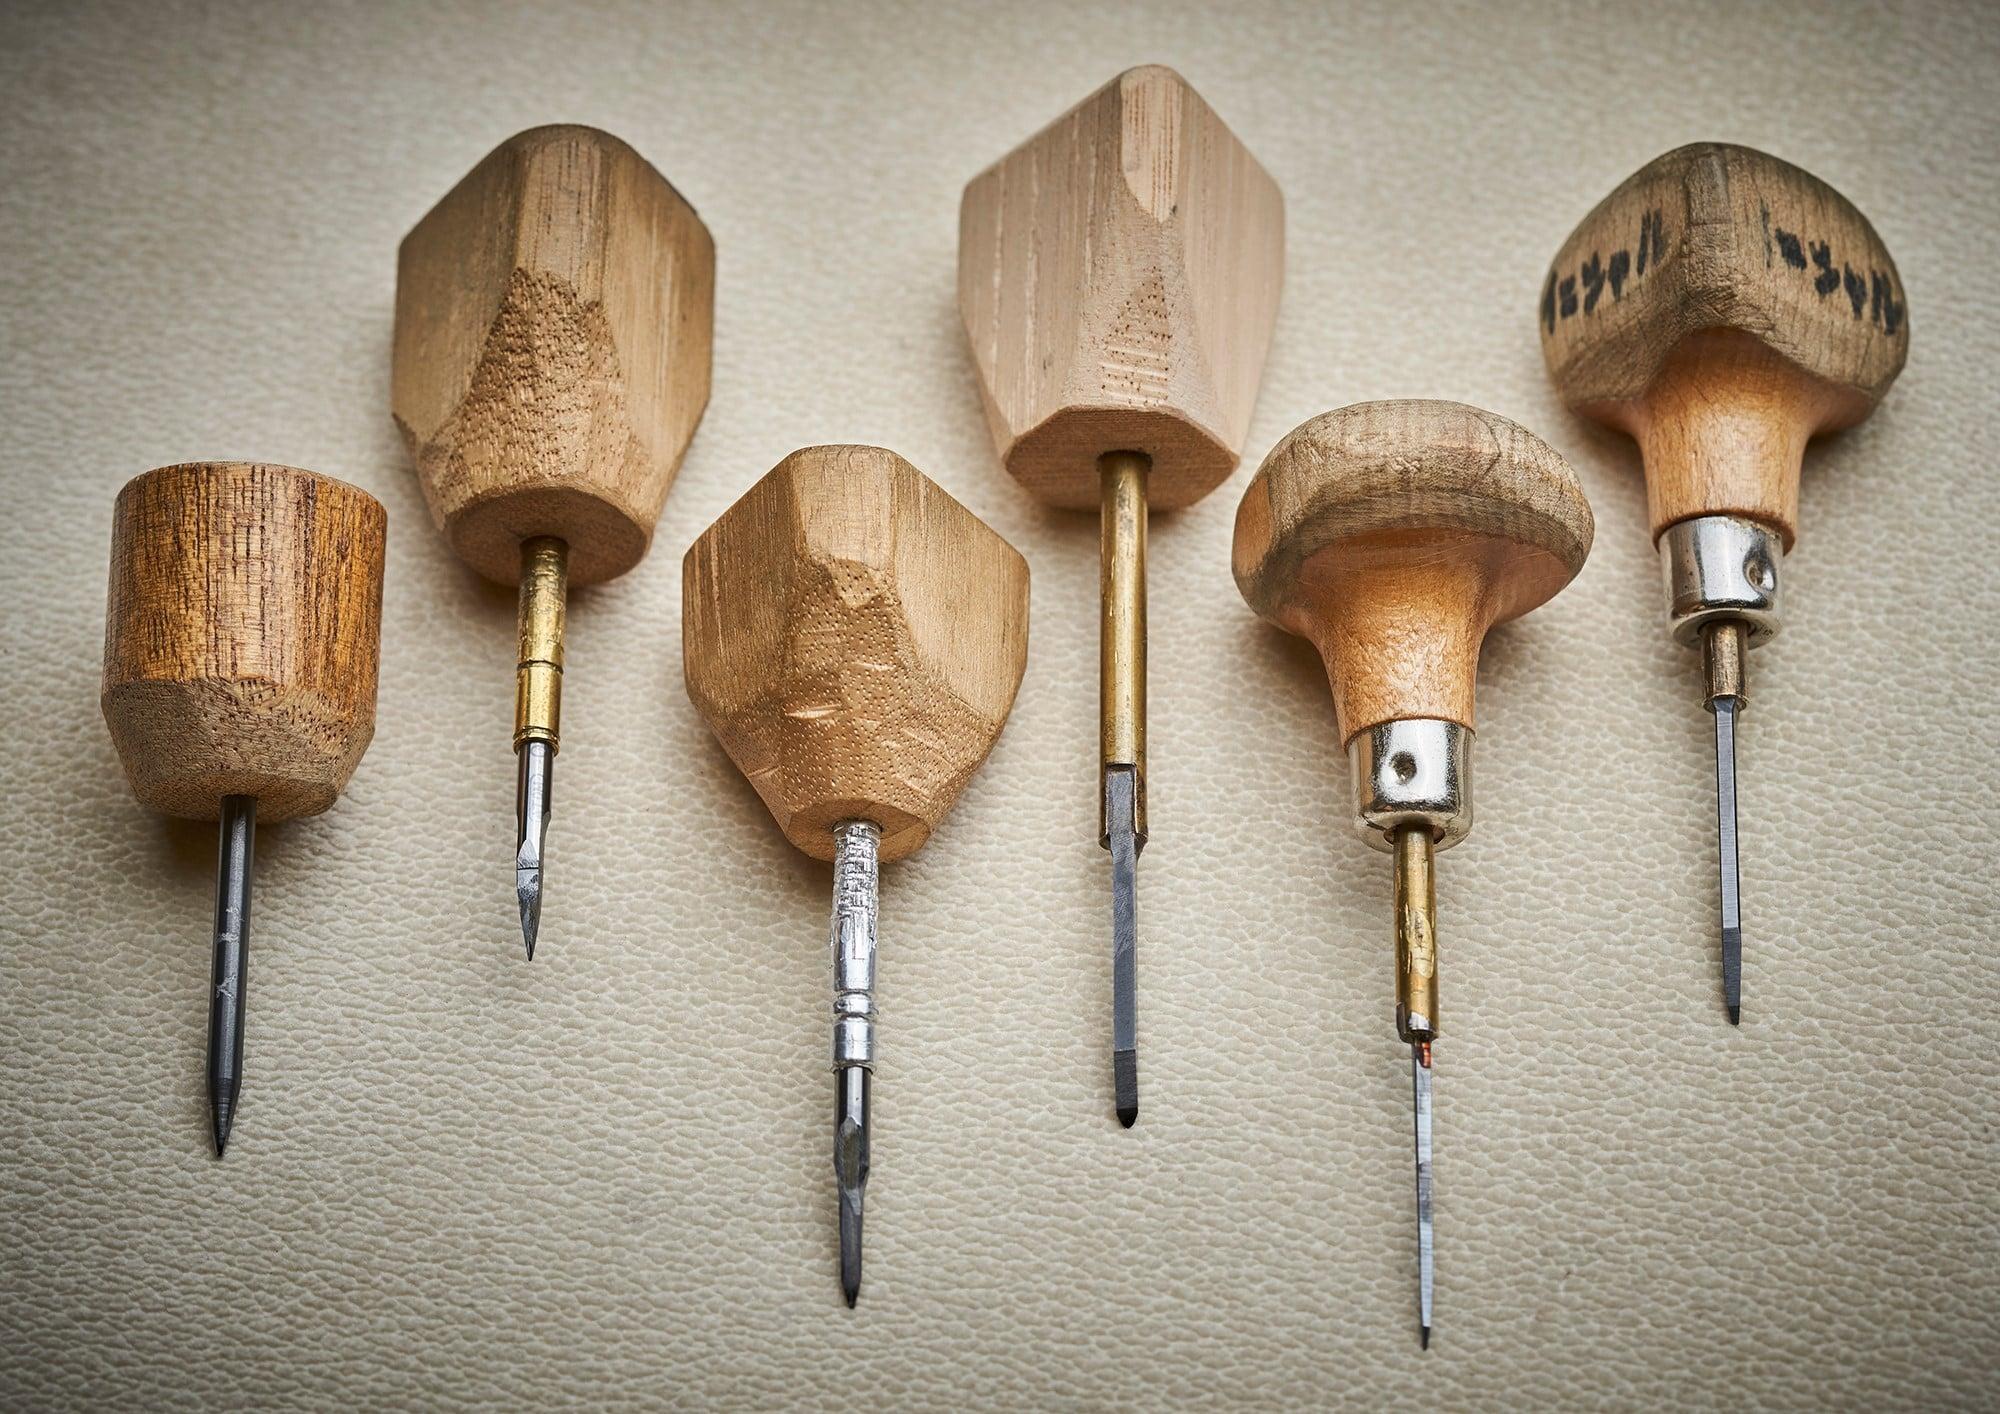 45周年記念モデルの彫金では、バイトと呼ばれる彫刻刀が6本以上使用されている。これらの道具はグリップや刃の形状は、作り上げる作品に合わせて、その都度、照井が自作をしていく。